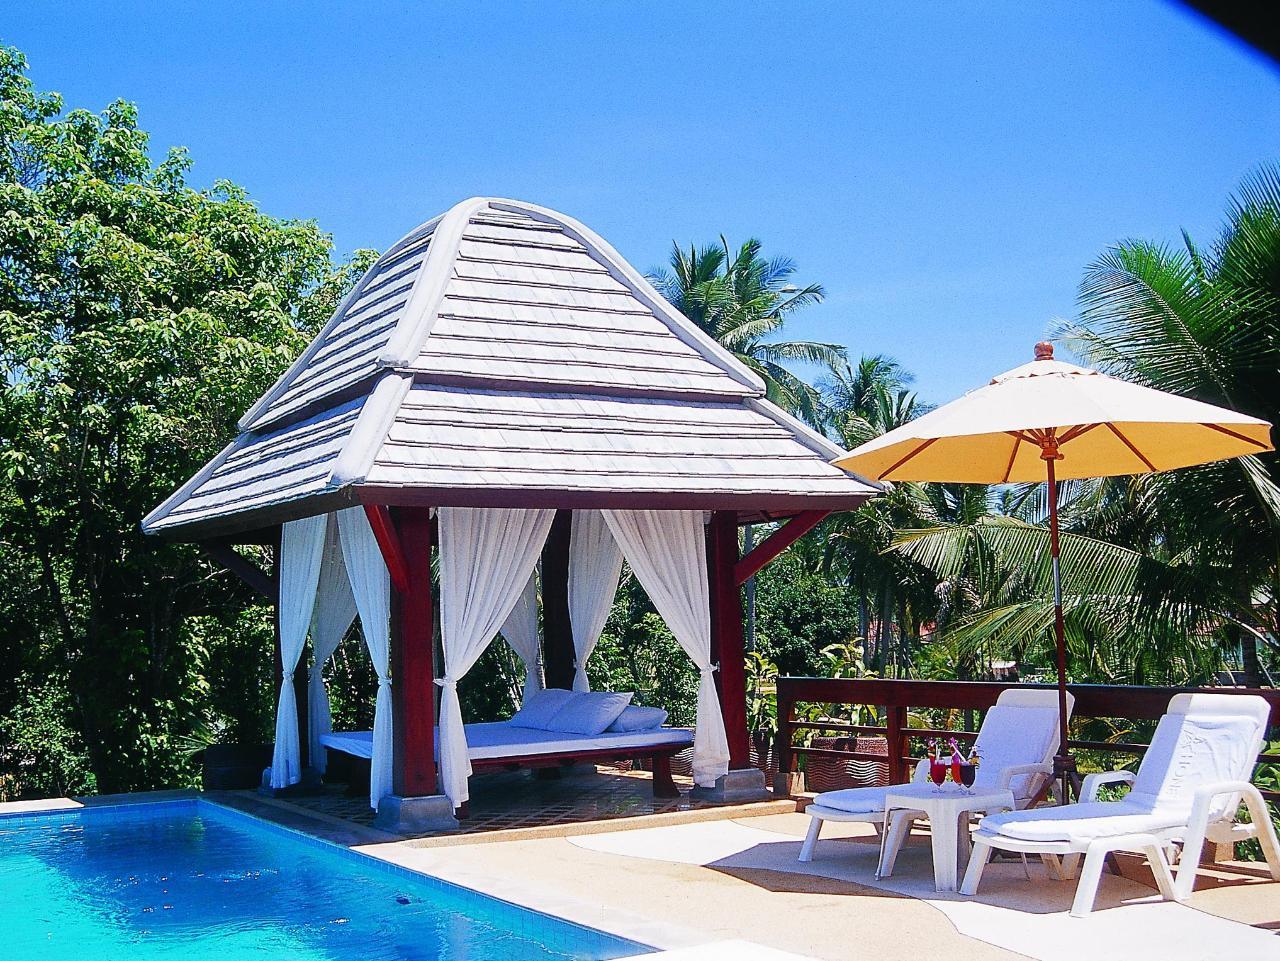 สมุย ฮันนี่ ธารา วิลลา เรสซิเดนซ์ (Samui Honey Tara Villa Residence)